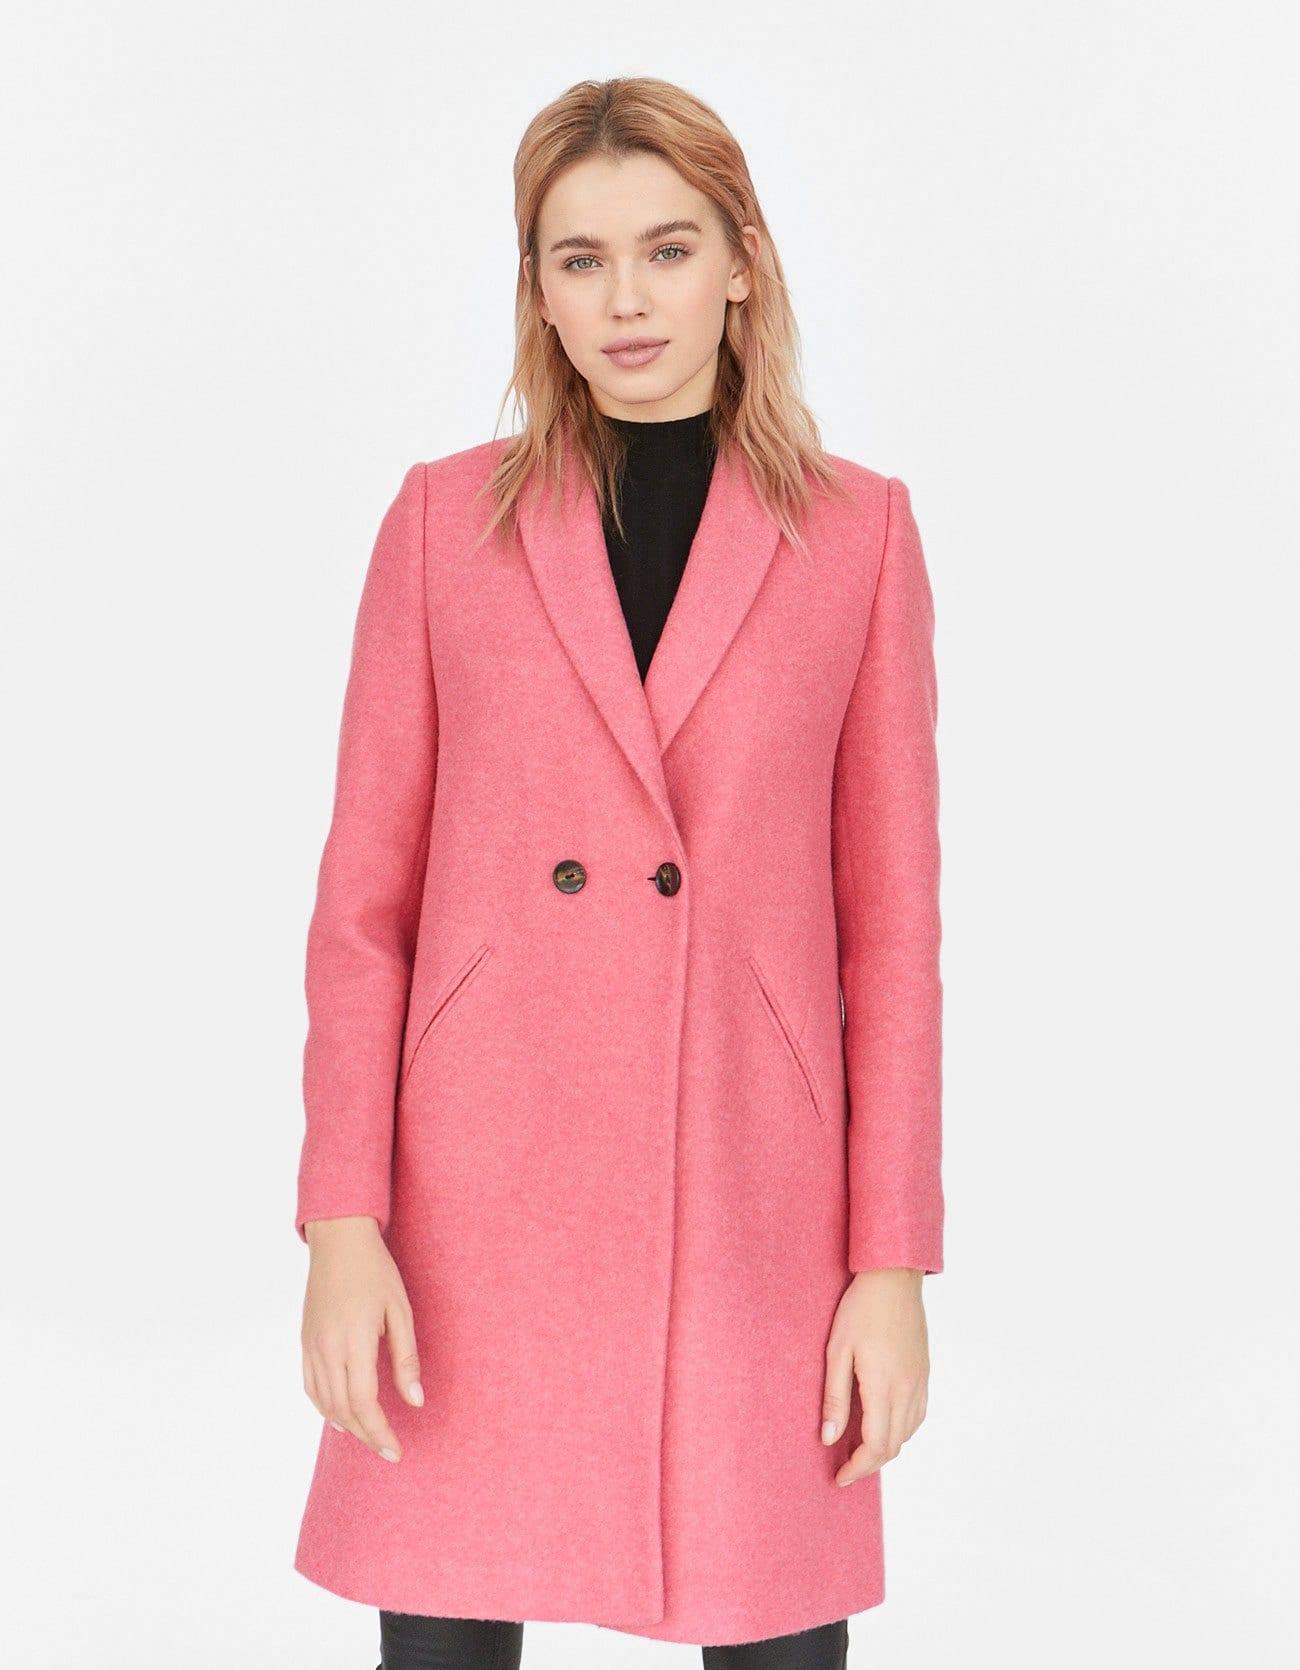 Cappotto rosa Stradivarius a 55,99 euro